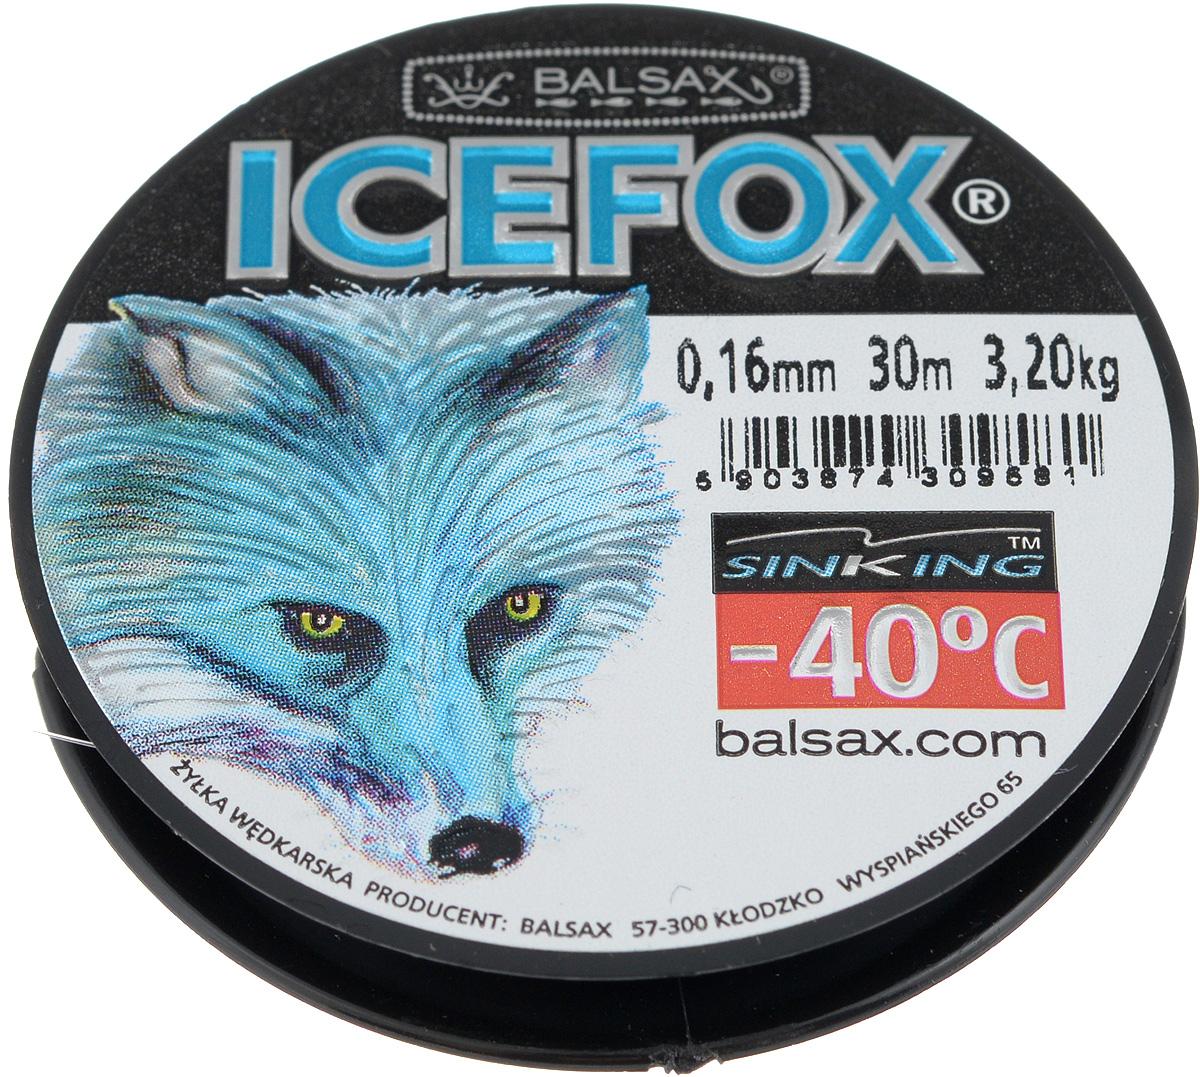 Леска зимняя Balsax Ice Fox, 30 м, 0,16 мм, 3,2 кг310-07016Леска Balsax Ice Fox изготовлена из 100% нейлона и очень хорошо выдерживает низкие температуры. Даже в самом холодном климате, при температуре вплоть до -40°C, она сохраняет свои свойства практически без изменений, в то время как традиционные лески становятся менее эластичными и теряют прочность.Поверхность лески обработана таким образом, что она не обмерзает и отлично подходит для подледного лова. Прочна в местах вязки узлов даже при минимальном диаметре.